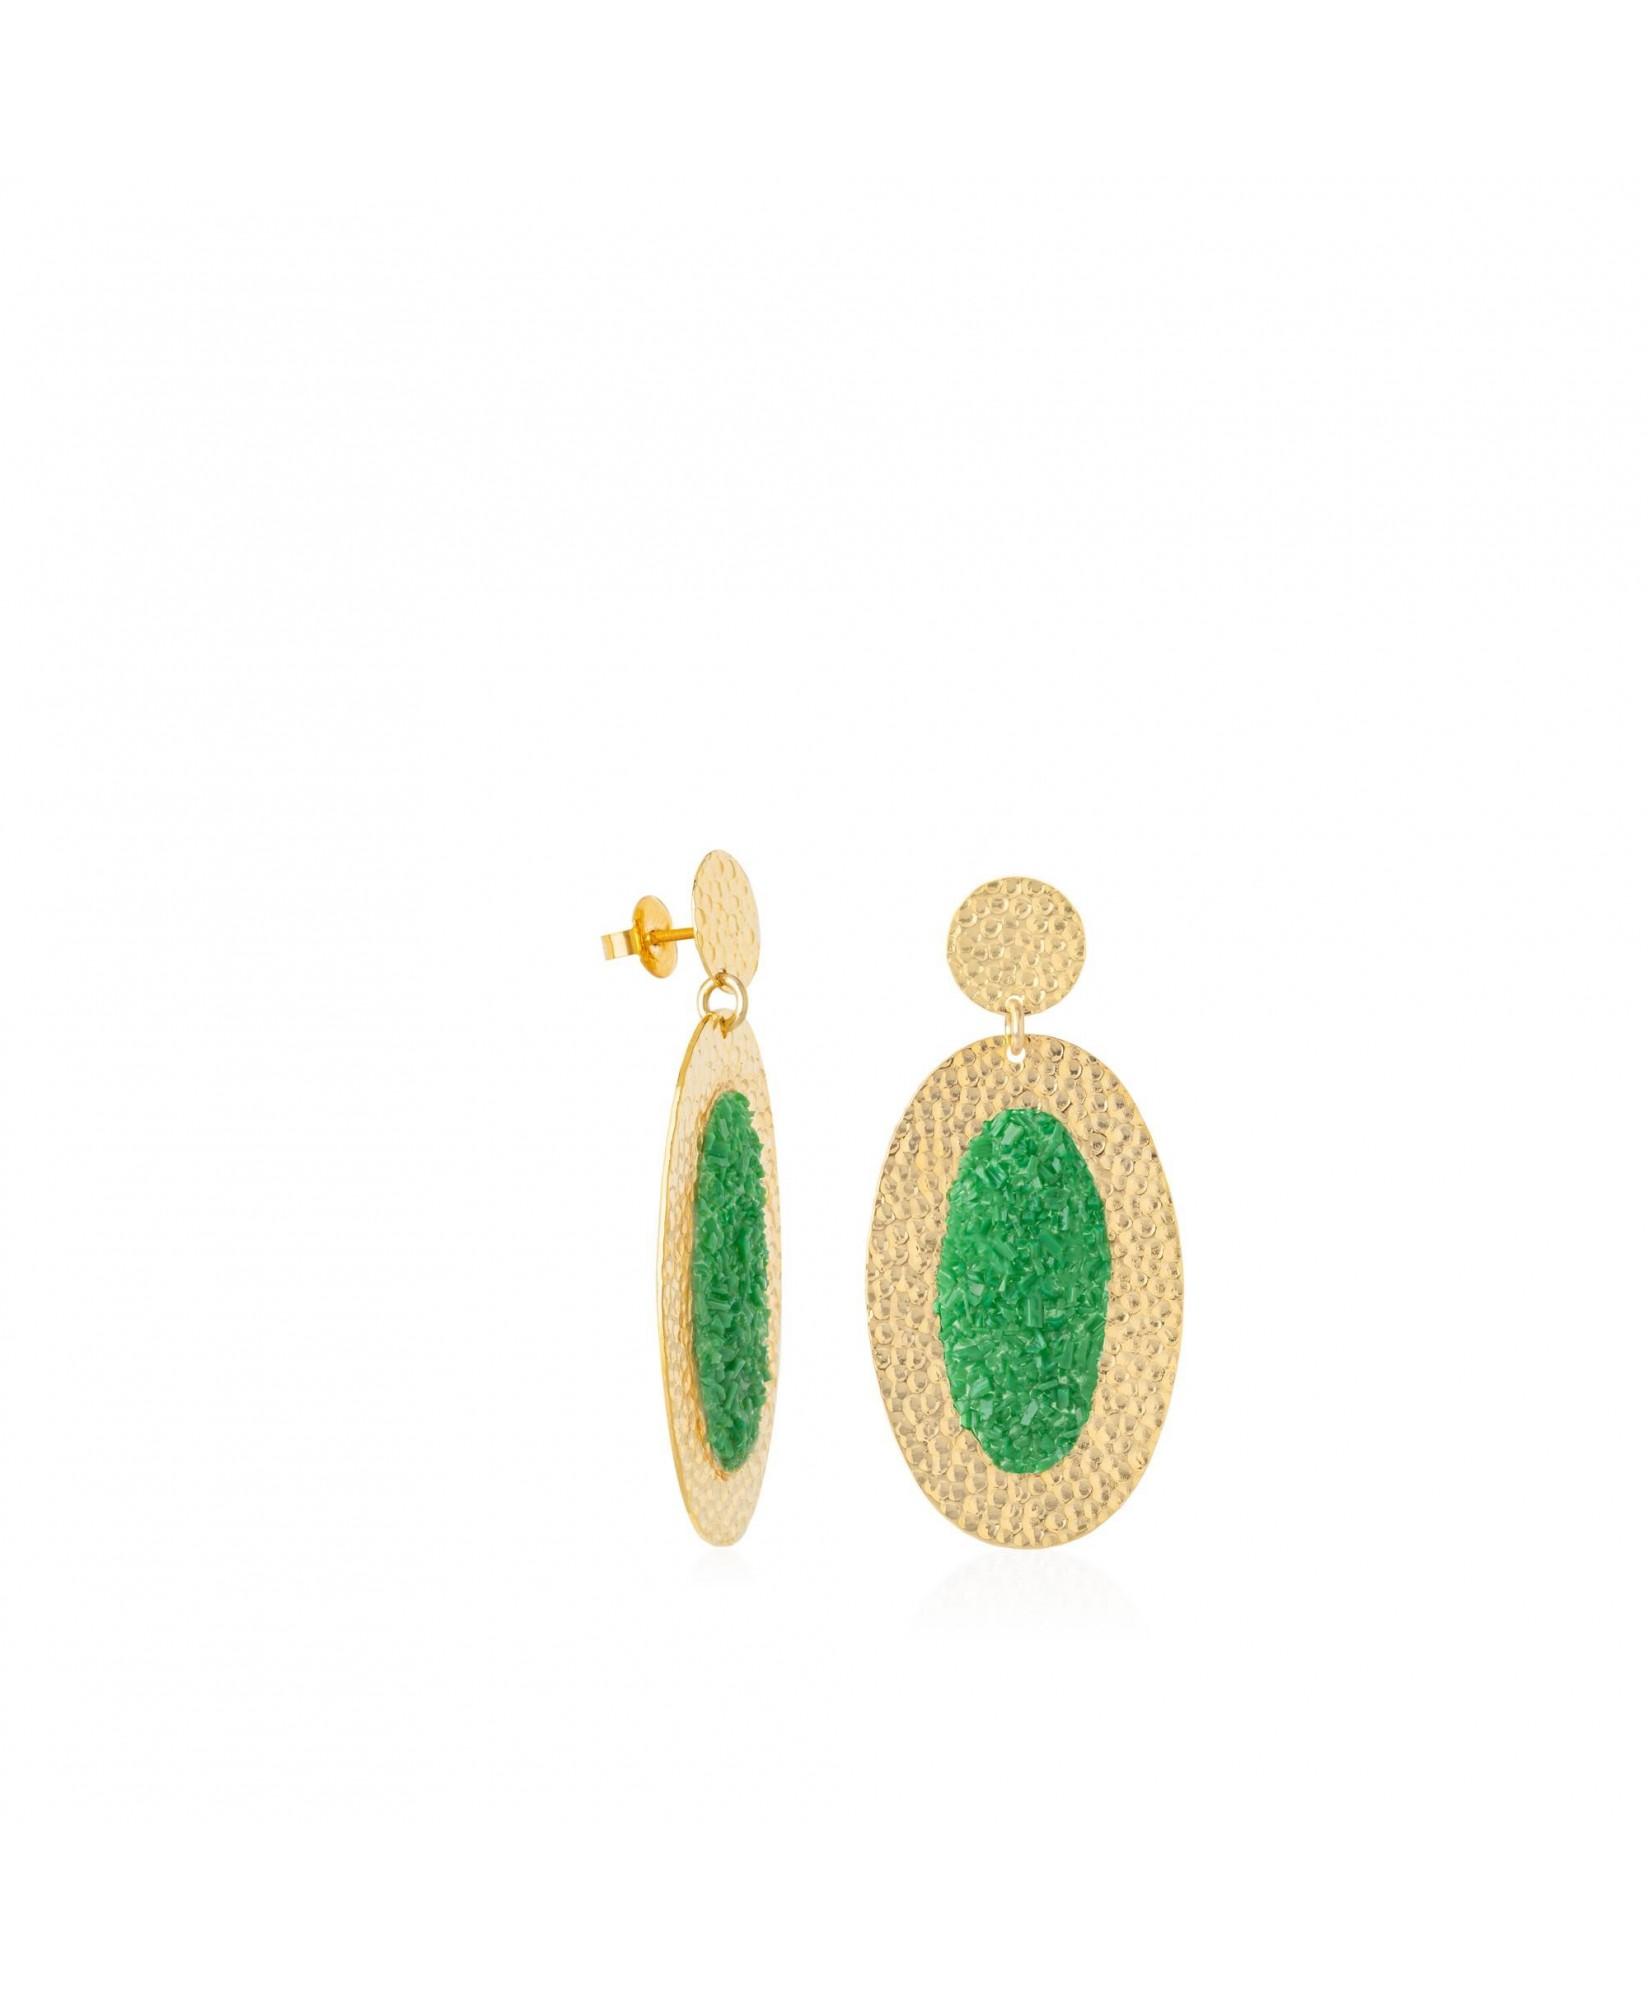 Pendientes oro ovalados Demeter con nácar verde Pendientes oro ovalados Demeter con nácar verde